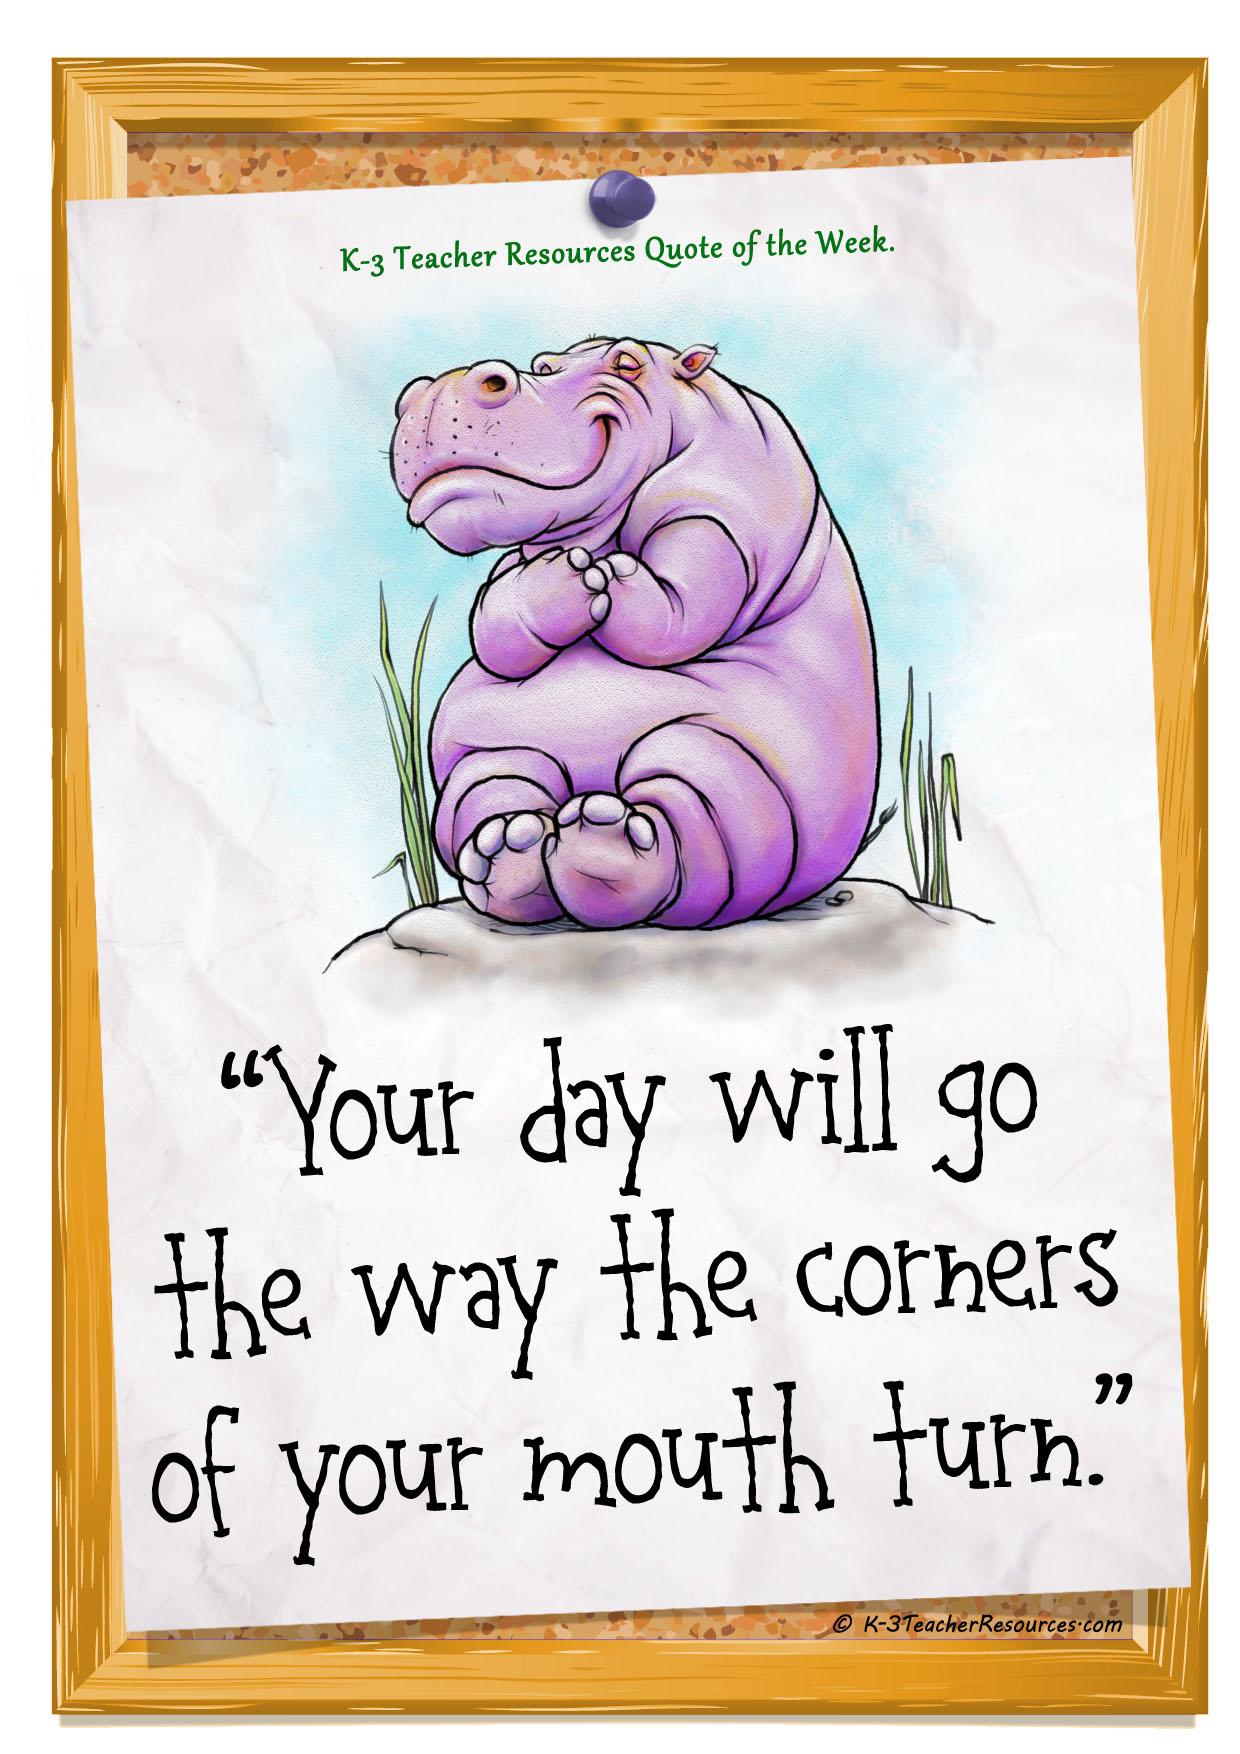 Corners quote #1